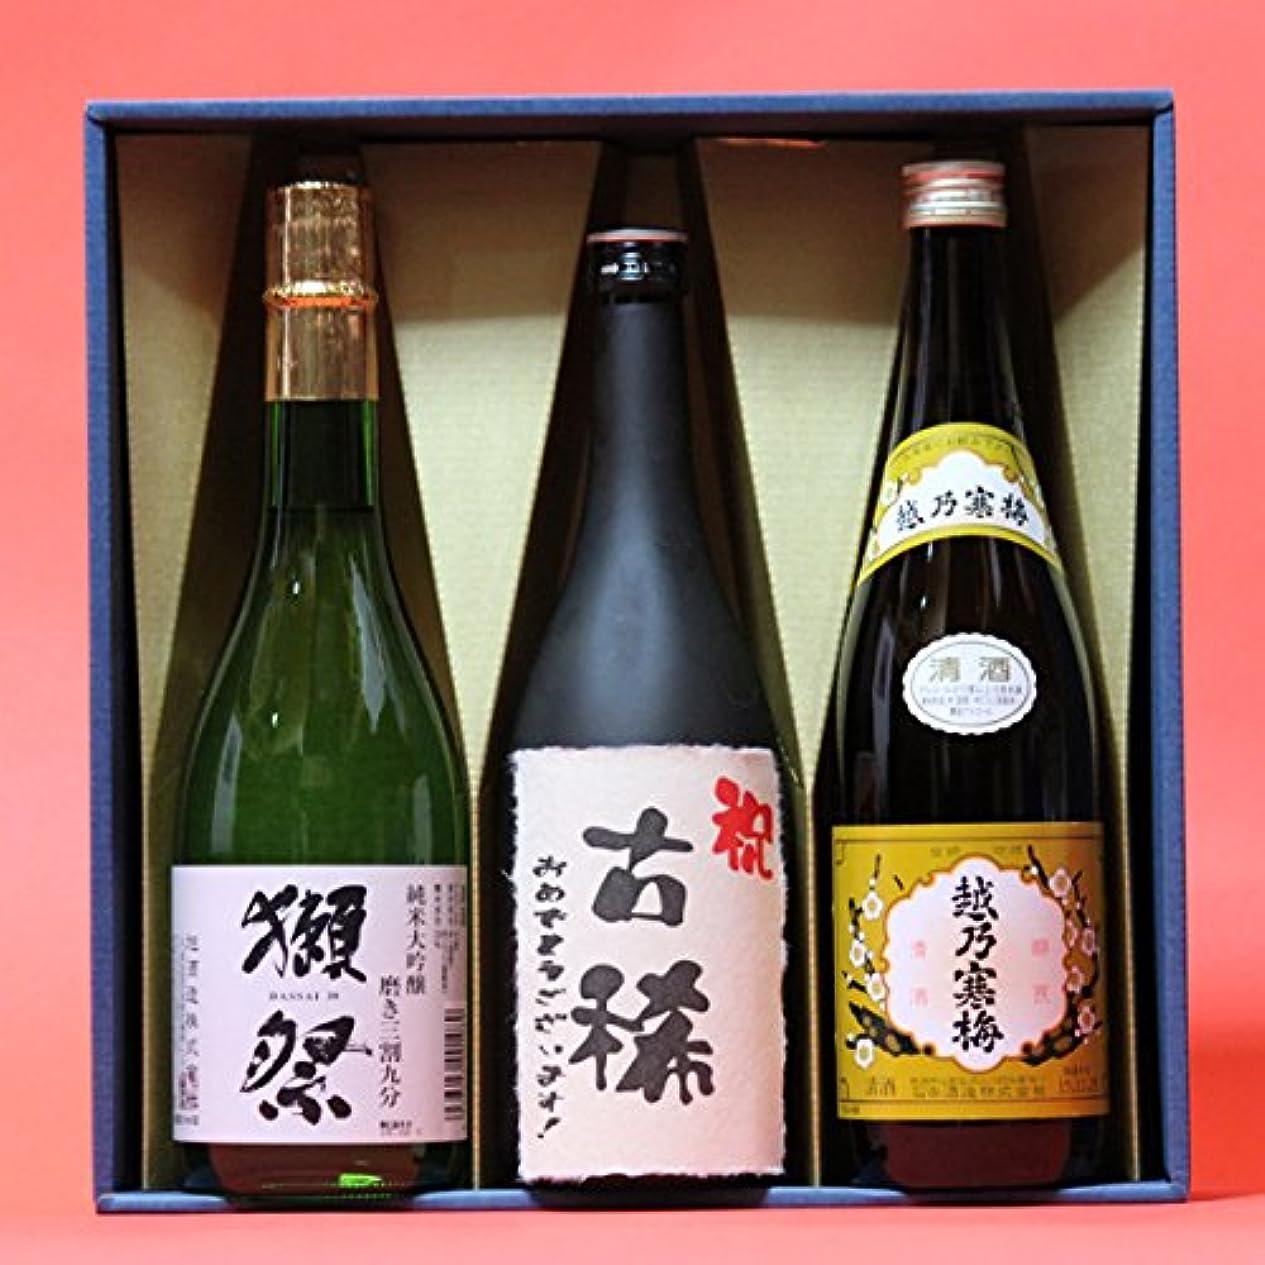 小数待ってそうでなければ古稀〔こき〕(70歳)祝い おめでとうございます!日本酒本醸造+獺祭(だっさい)39+越乃寒梅白720ml 3本ギフト箱 茶色クラフト紙ラッピング 祝古稀のし 飲み比べセット